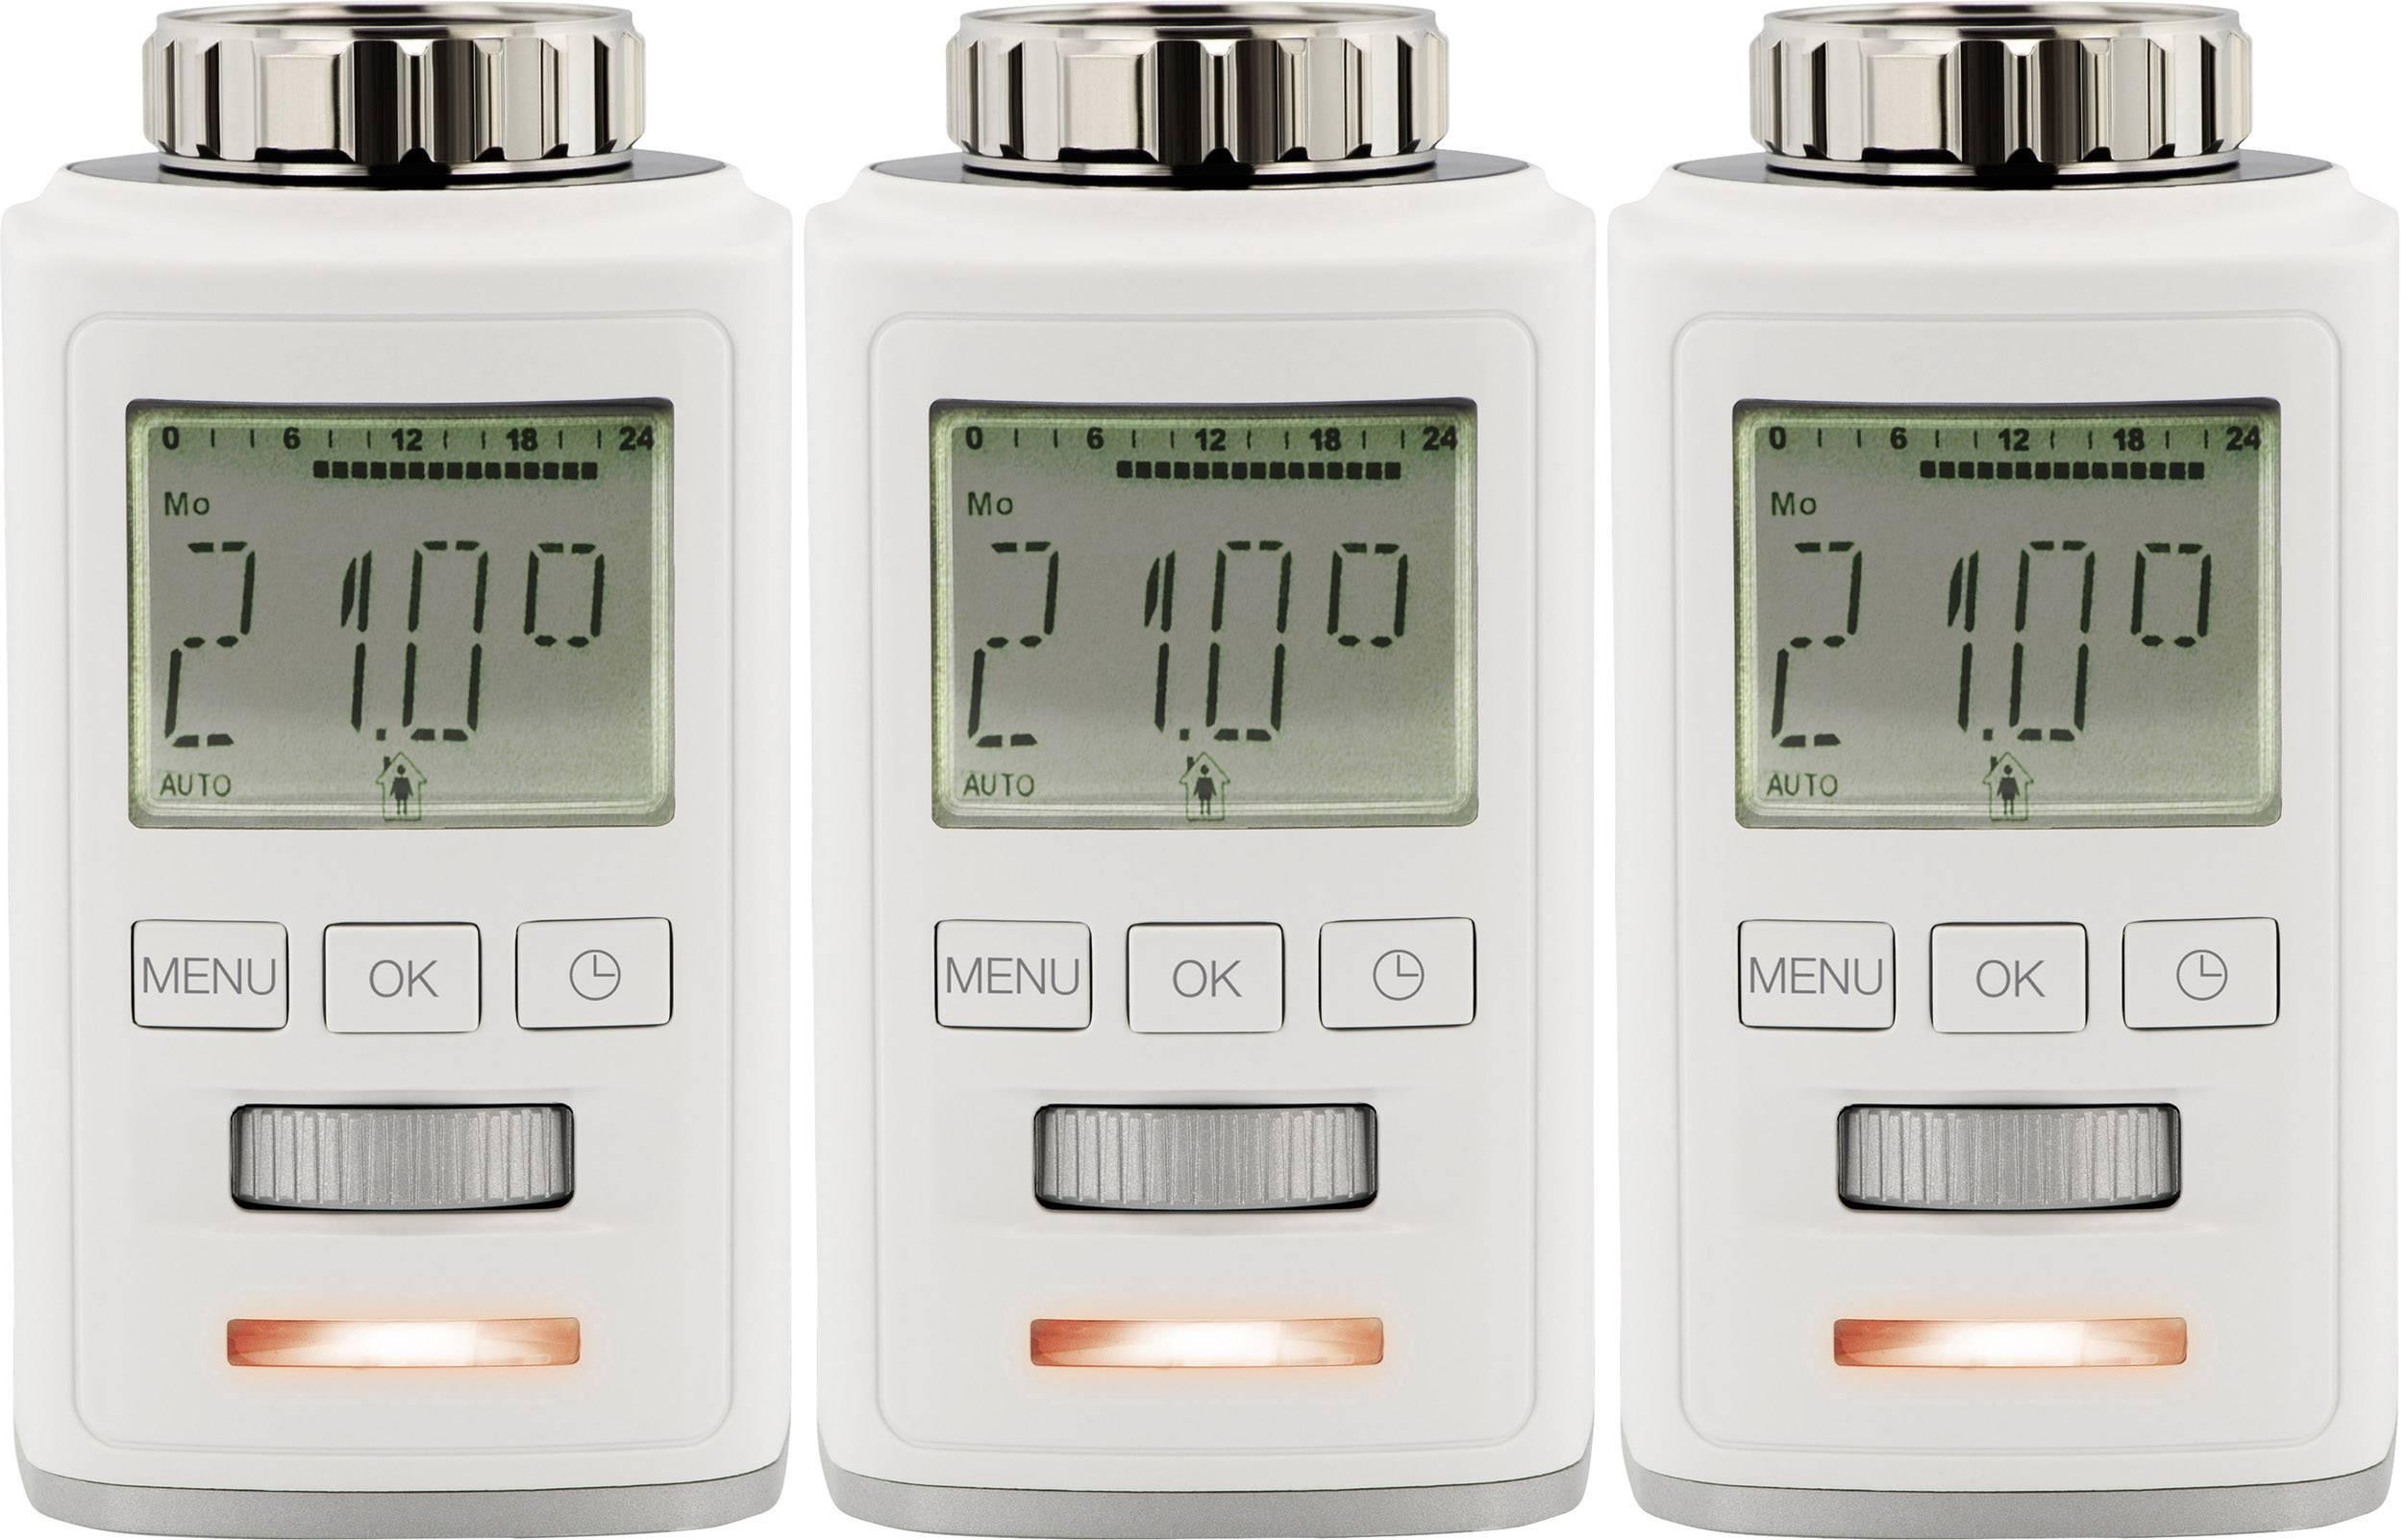 Radiátorová termostatická hlavica Sygonix HT100, 8 do 28 °C, sada 3 ks